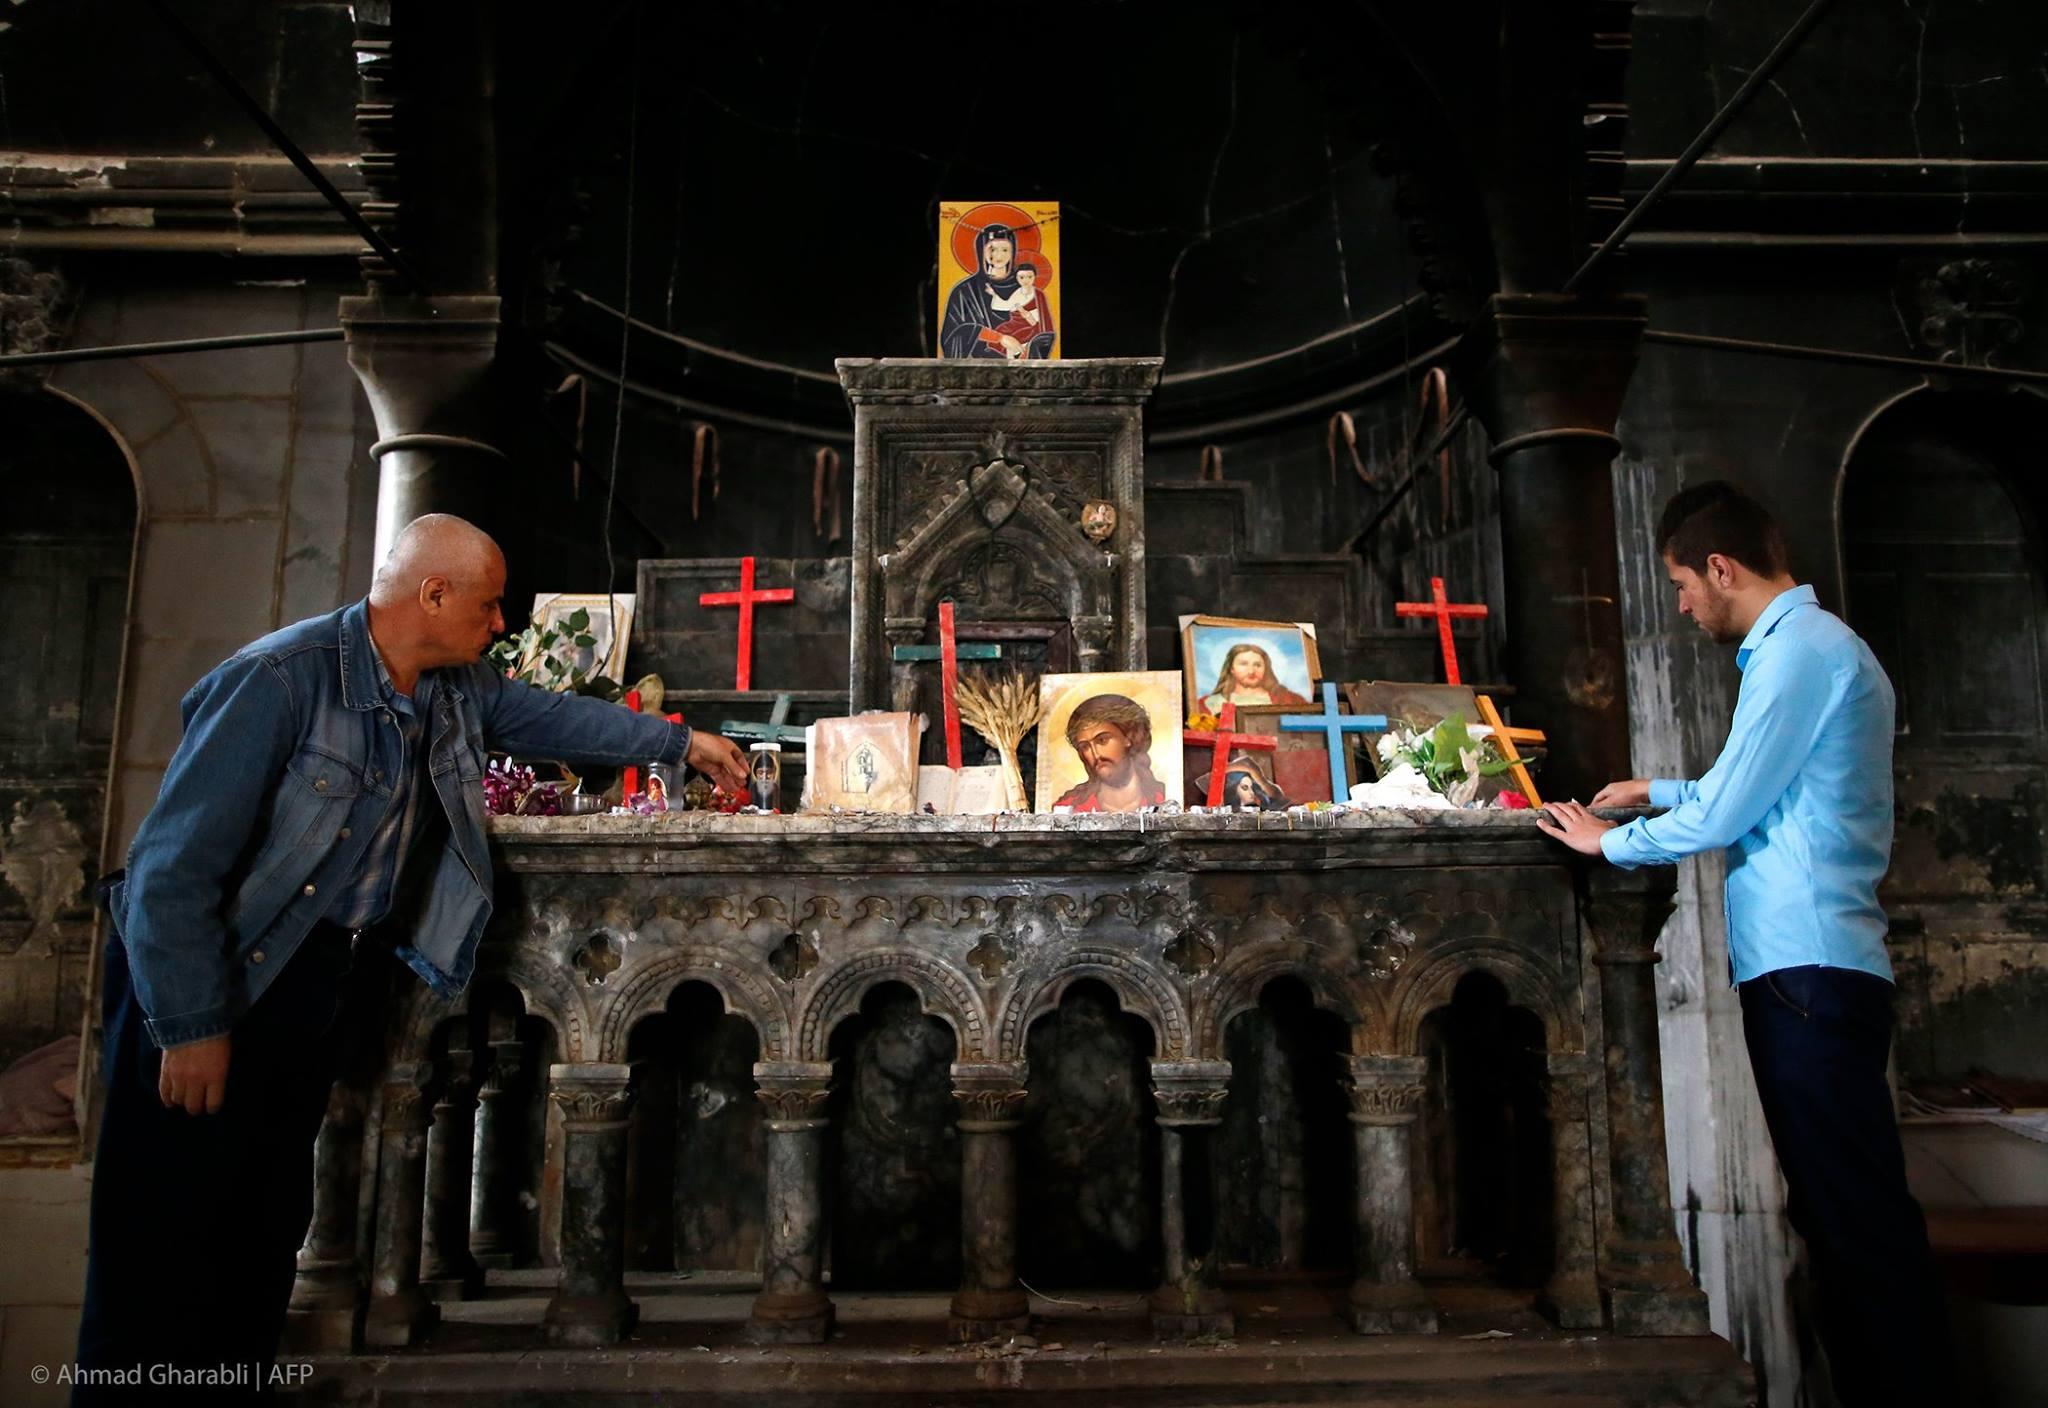 Католическая Церковь призвала верующих принять участие в оказании гуманитарной помощи населению Сирии